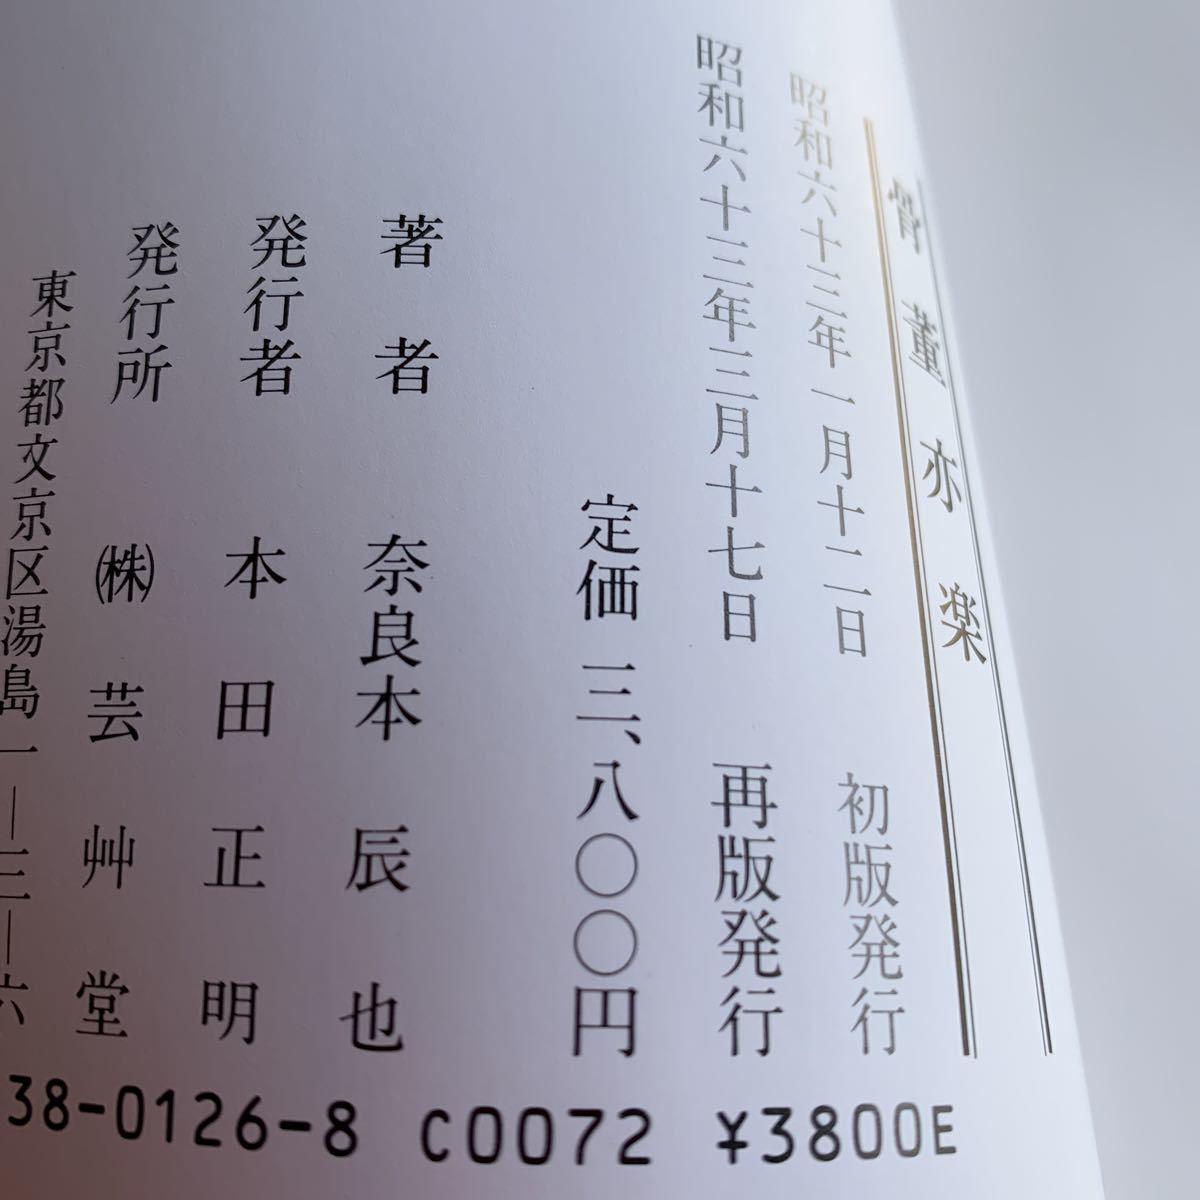 骨董亦楽 奈良本辰也 函入り 昭和63年再版 芸艸堂_画像3